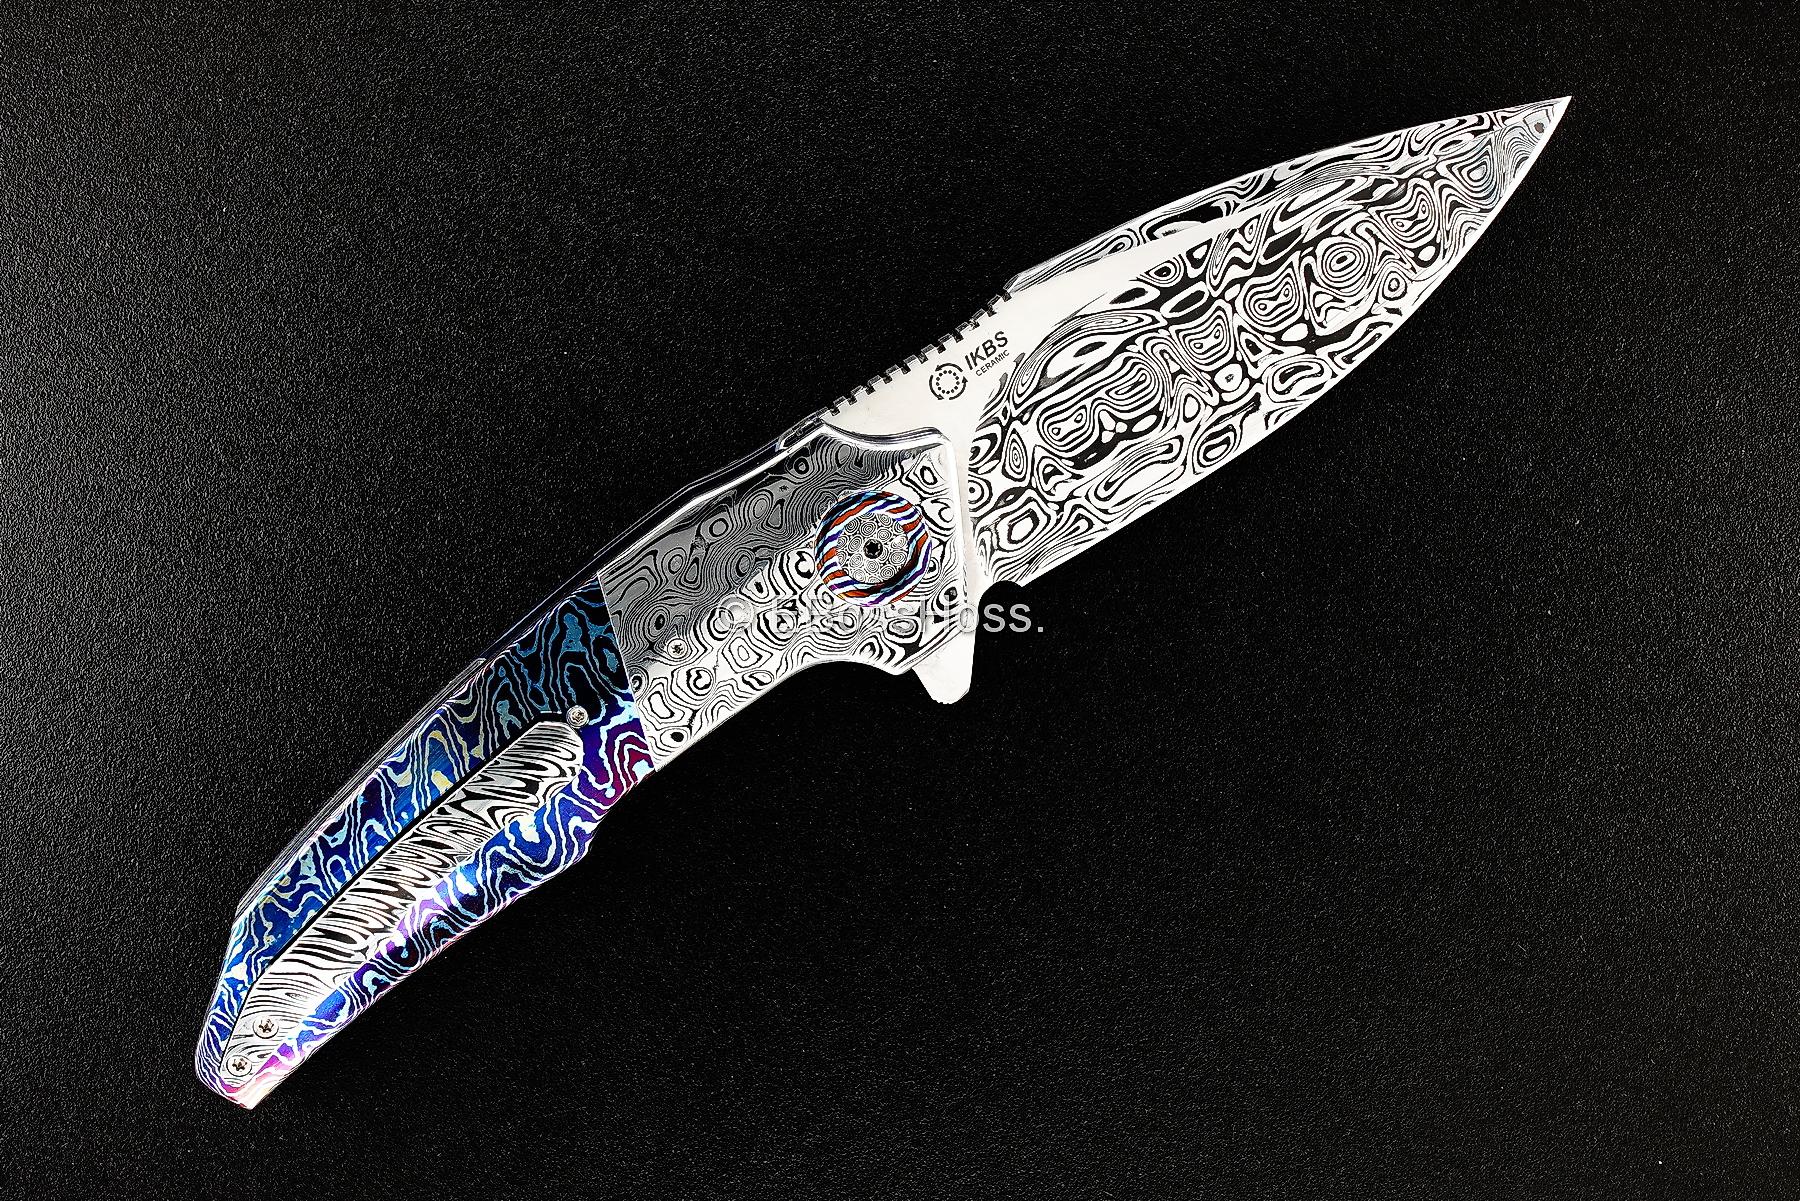 A2 Knives (Thorburn & van Heerden) Custom Very Premium A6 Flipper